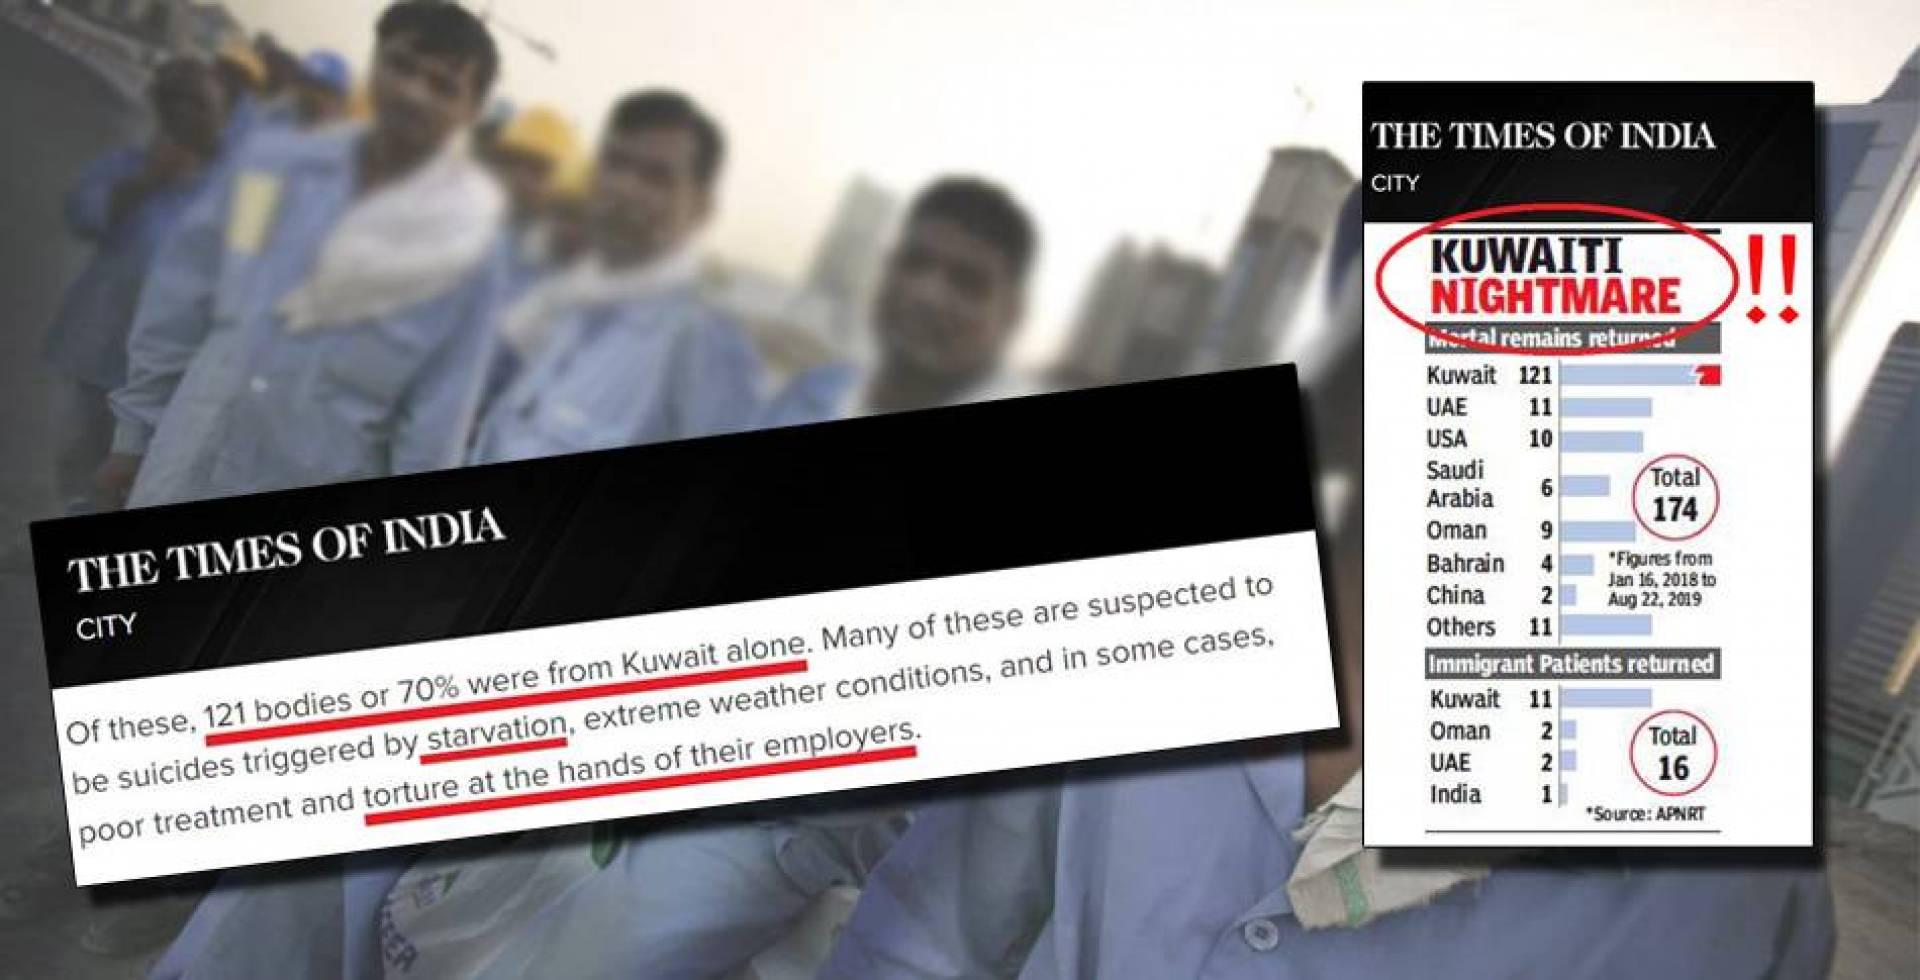 صحيفة هندية تزعُم: الهنود في الكويت يموتون جوعاً وتعذيباً!!